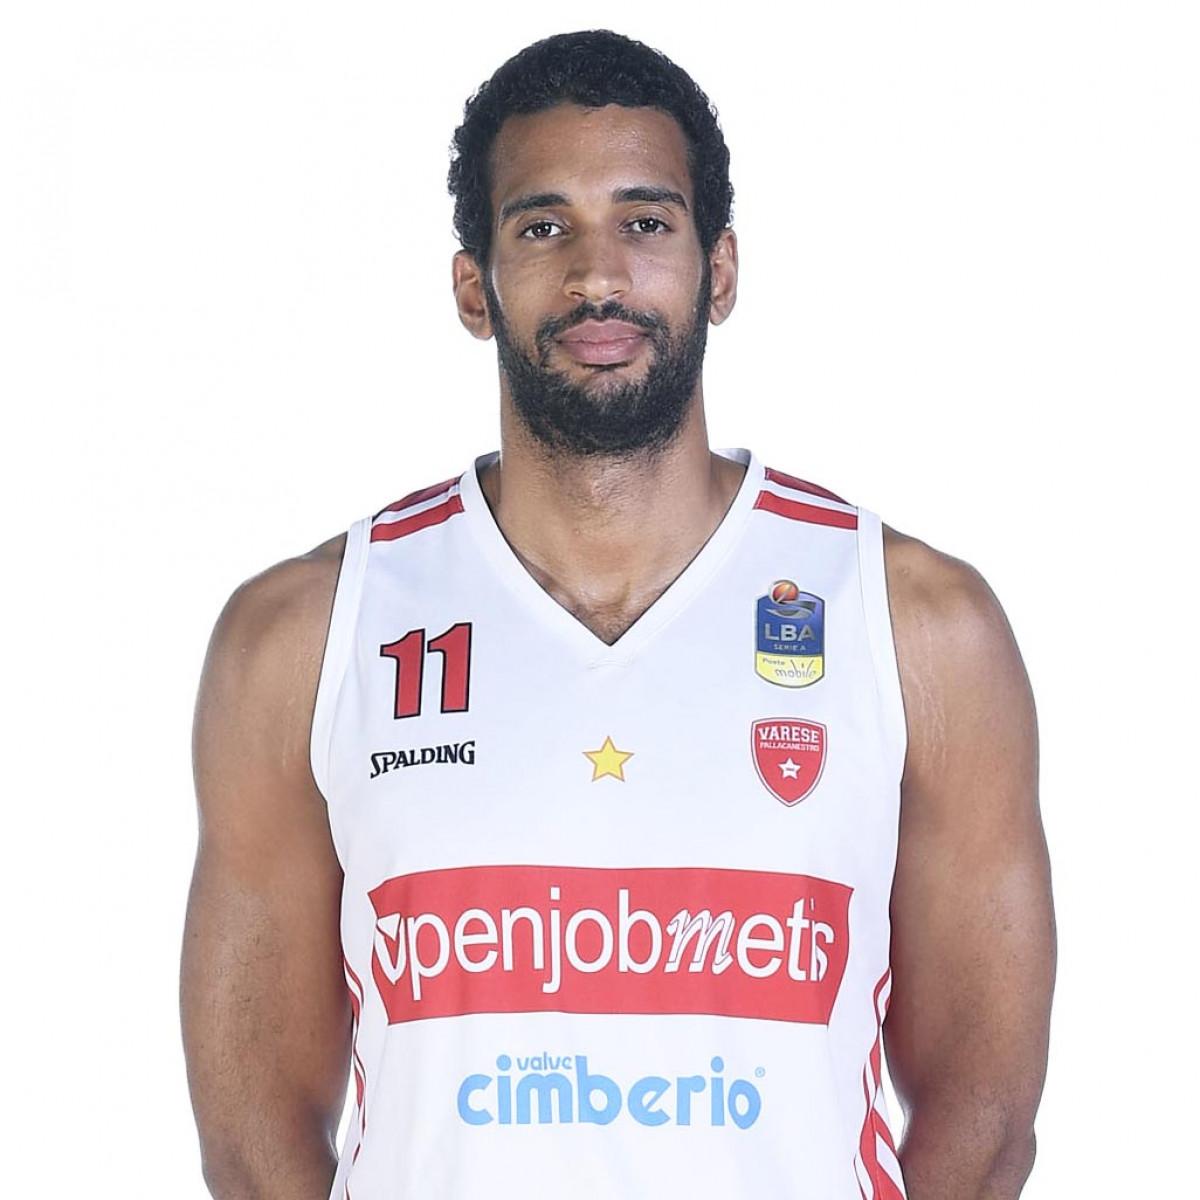 Photo of Thomas Scrubb, 2018-2019 season